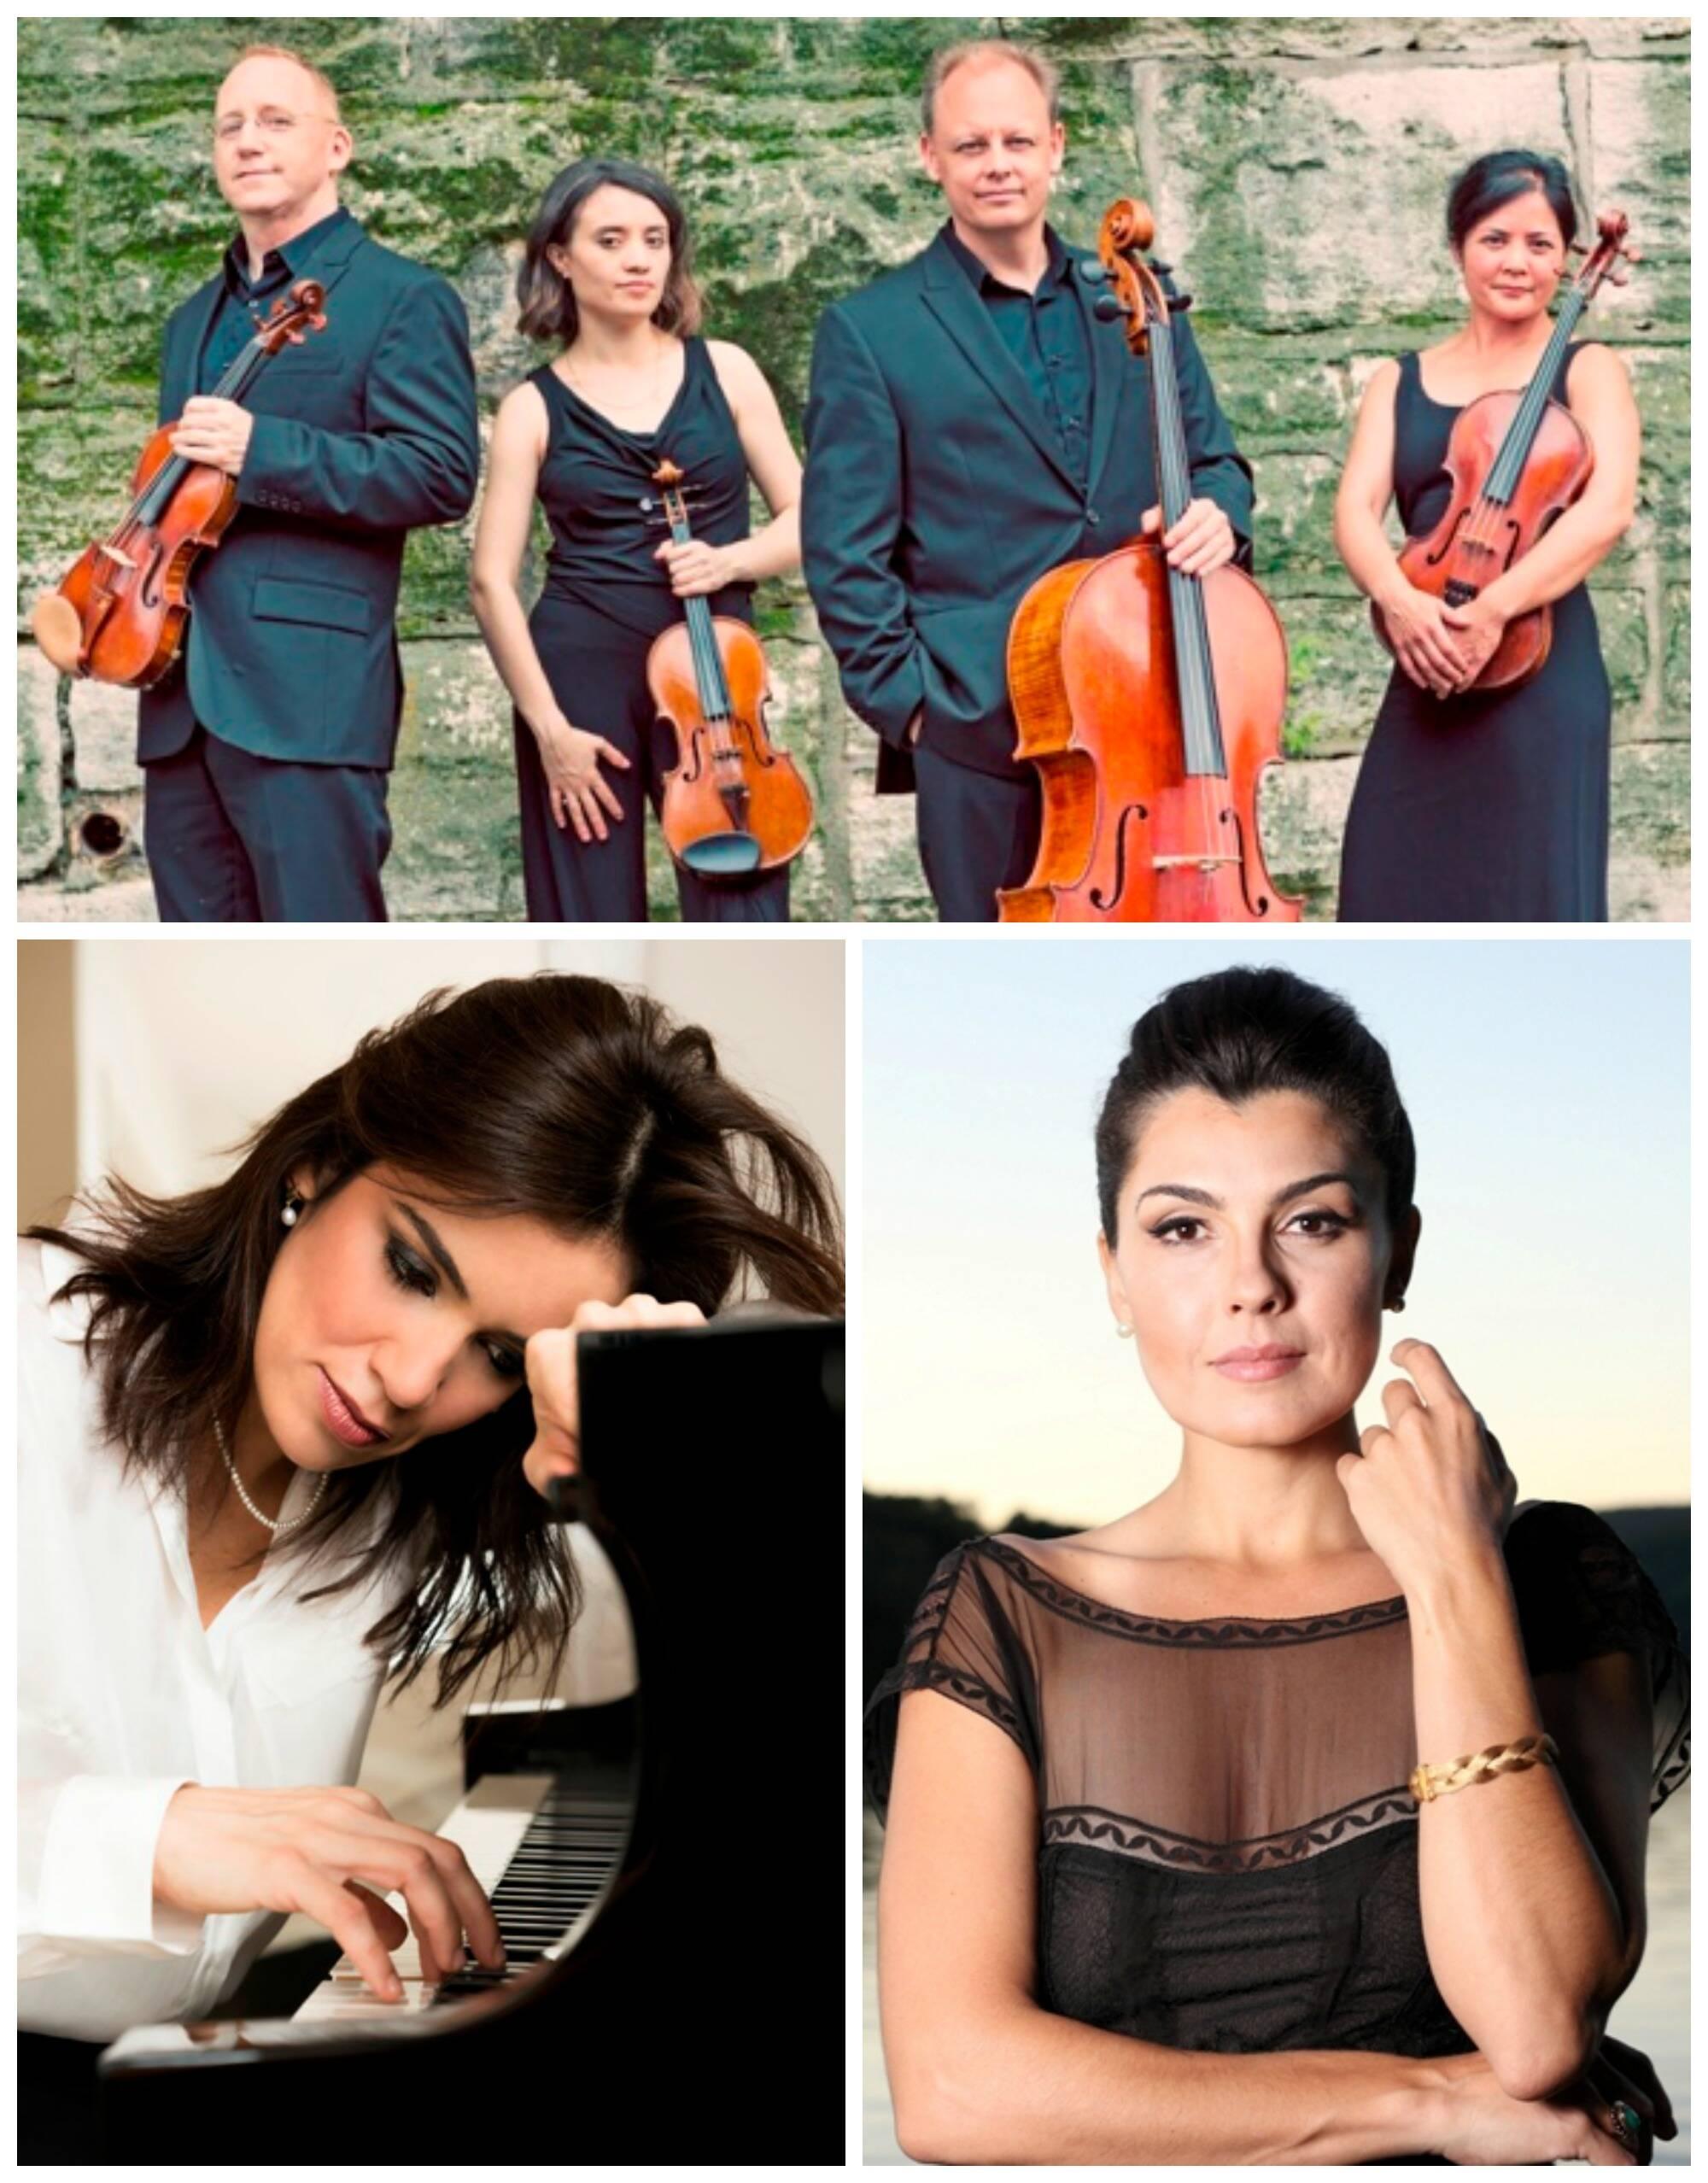 No alto, o Quarteto de Cordas Arianna; à esquerda, a pianista Simone Leitão; à direita, a cantora lírica Angelica De La Riva / Fotos: divulgação